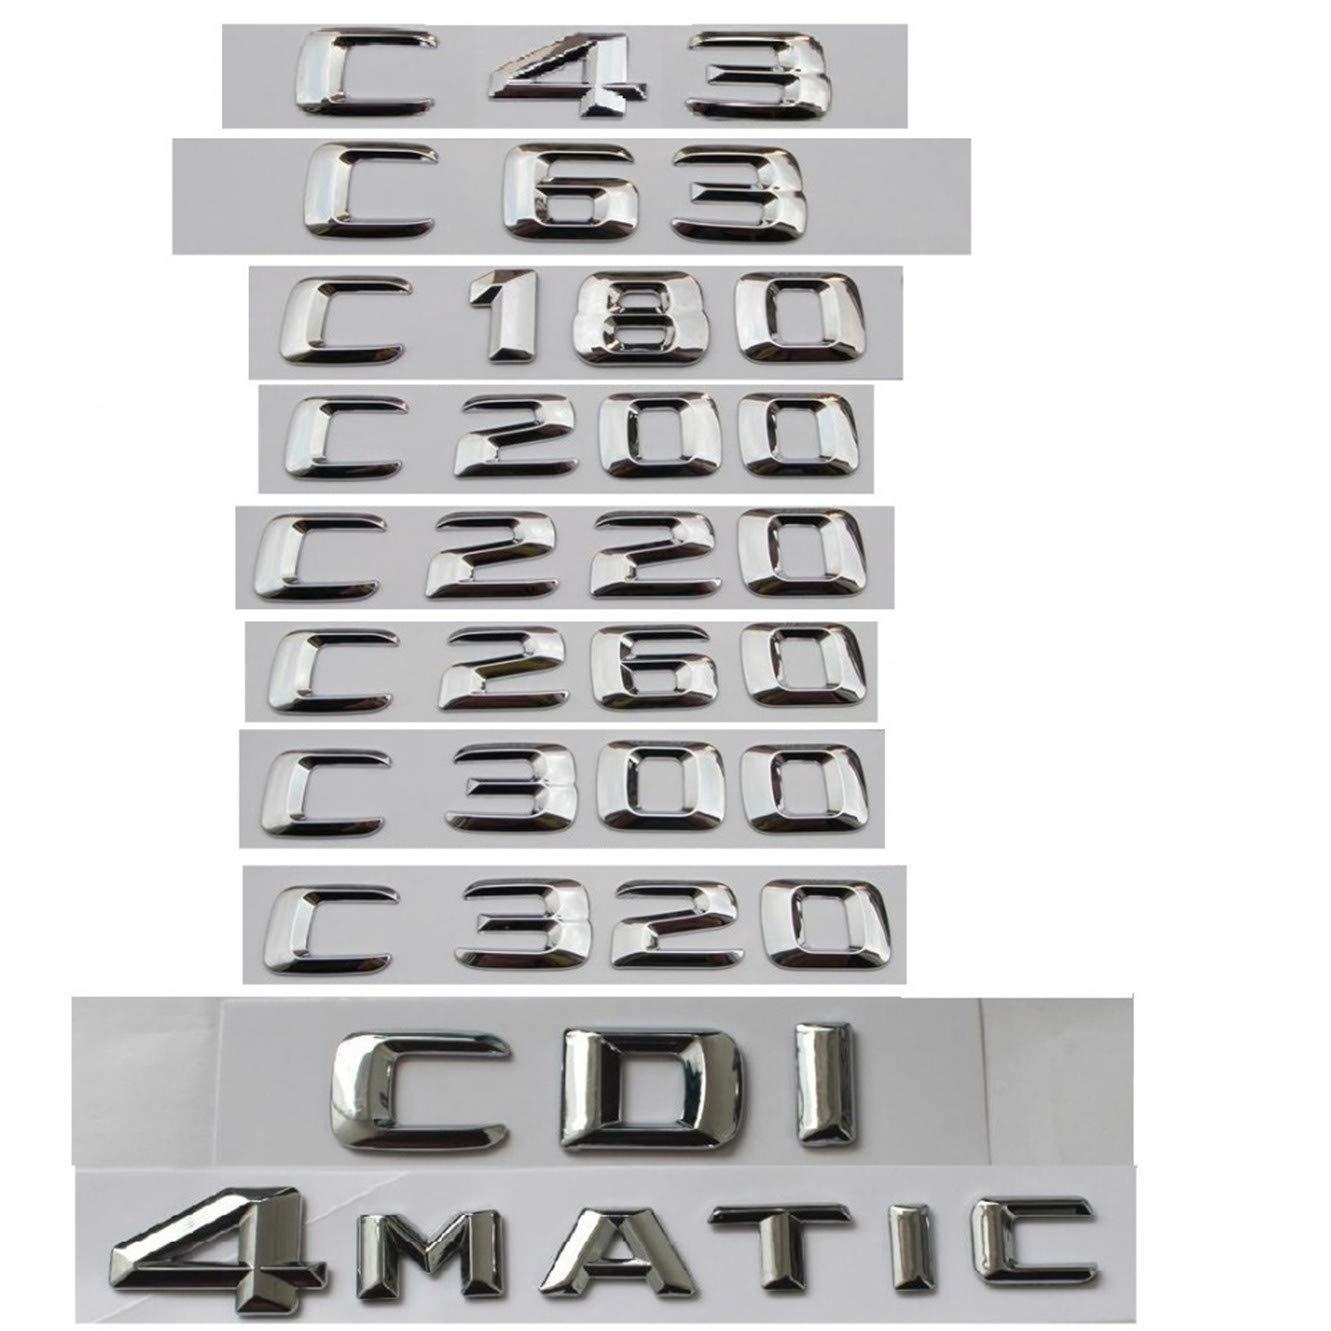 CXYYJGY Classe C C63 C43 C55 AMG C180 C200 C220 C300 C320 C350 4MATIC CDI Coffre Embl/ème Chrome Lettere Embl/èmes